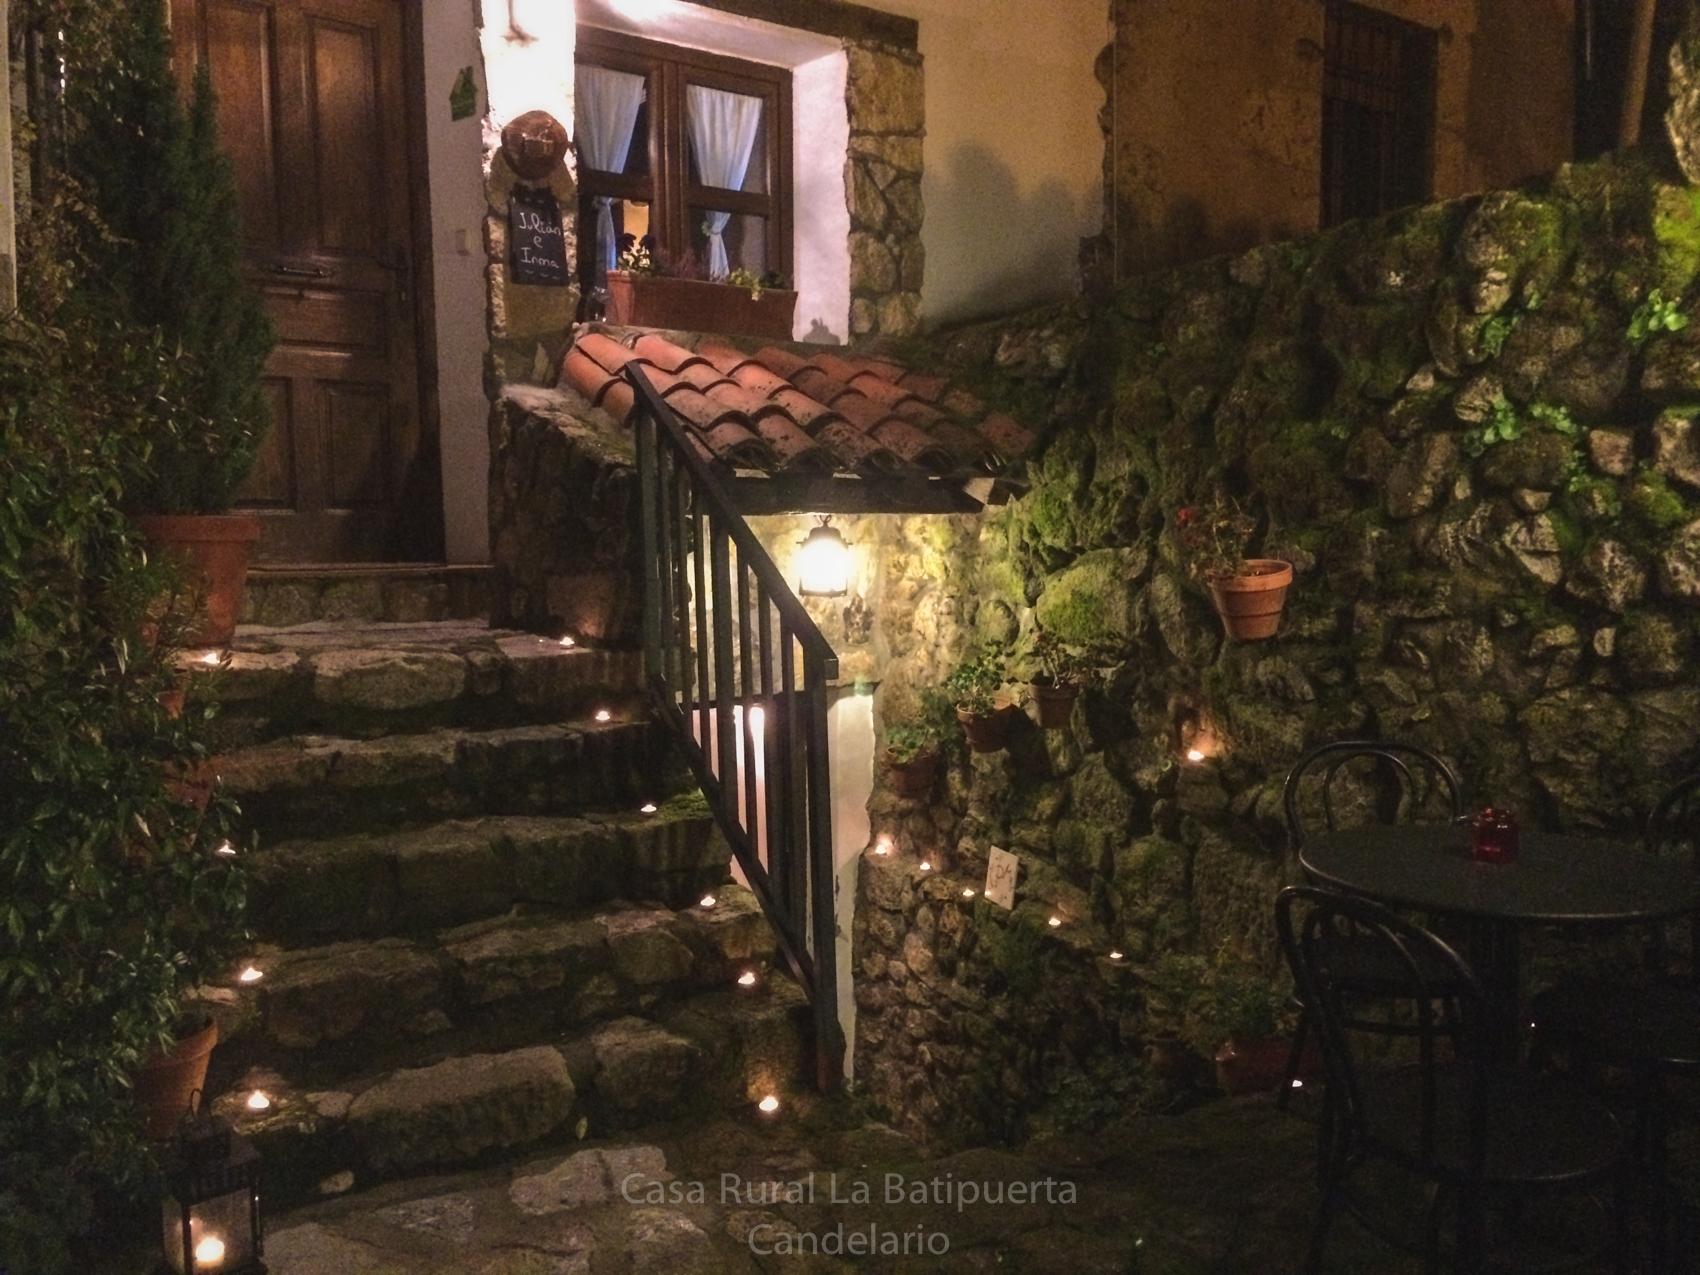 Casas rurales spa la batipuerta de candelario paquete romantico en candelario - Candelario casa rural ...